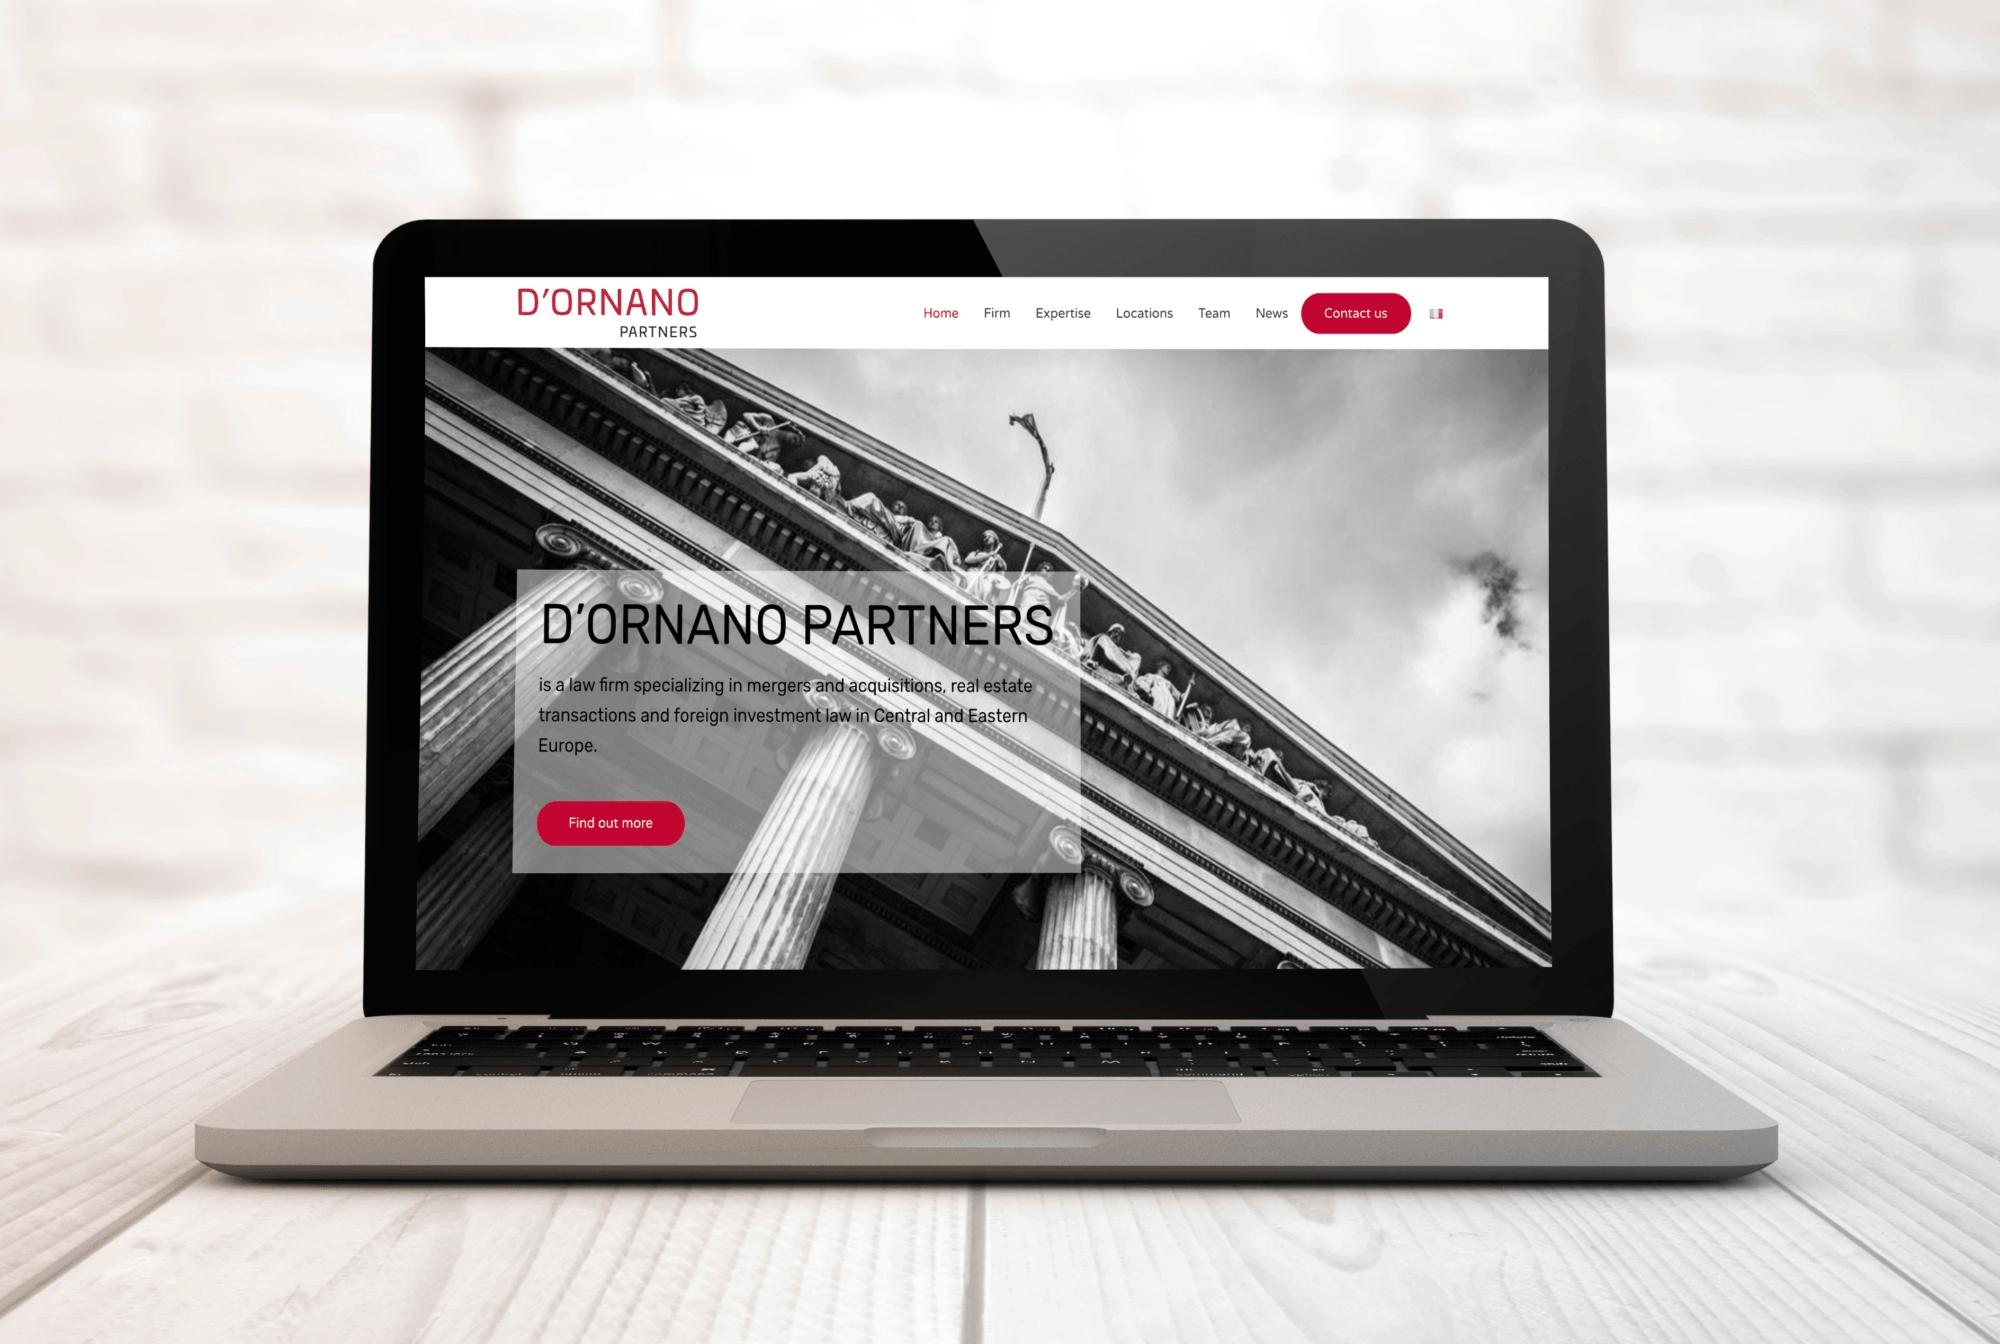 dornano-partners_website_agent-de-com-e1585073318392.png